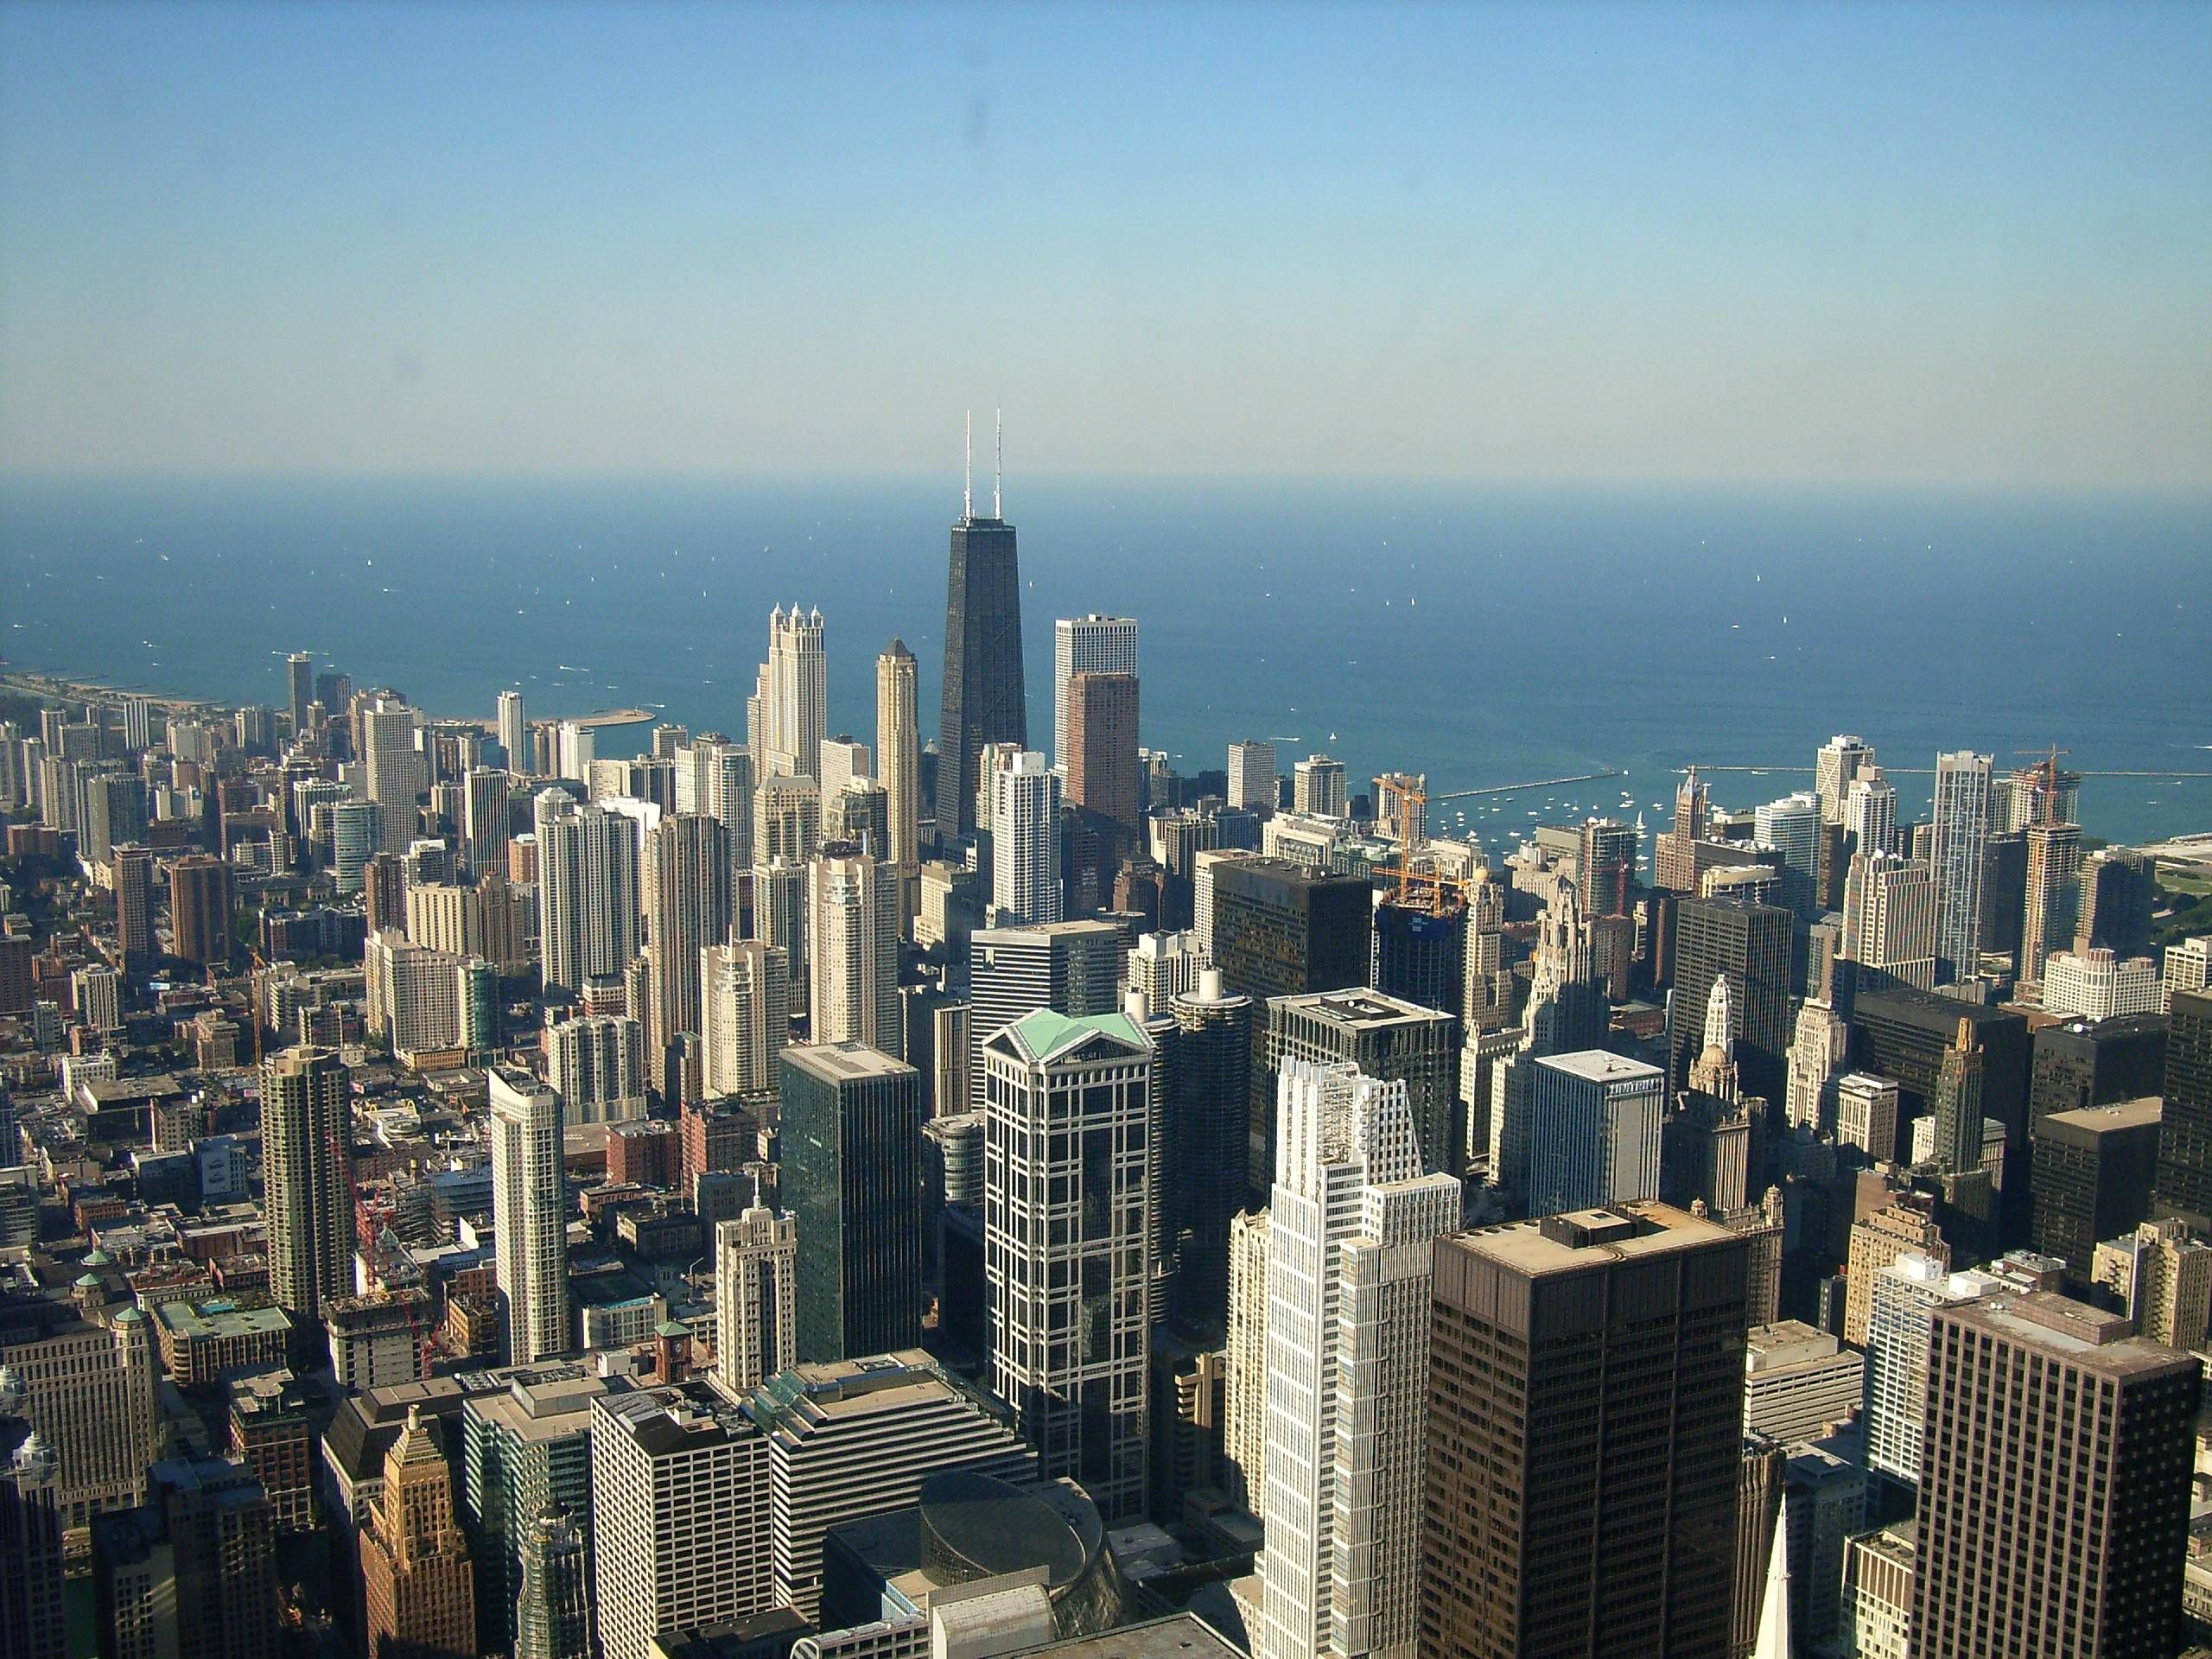 Chicago wallpaper hd hd wallpapers pinterest chicago skyline chicago wallpaper hd voltagebd Gallery